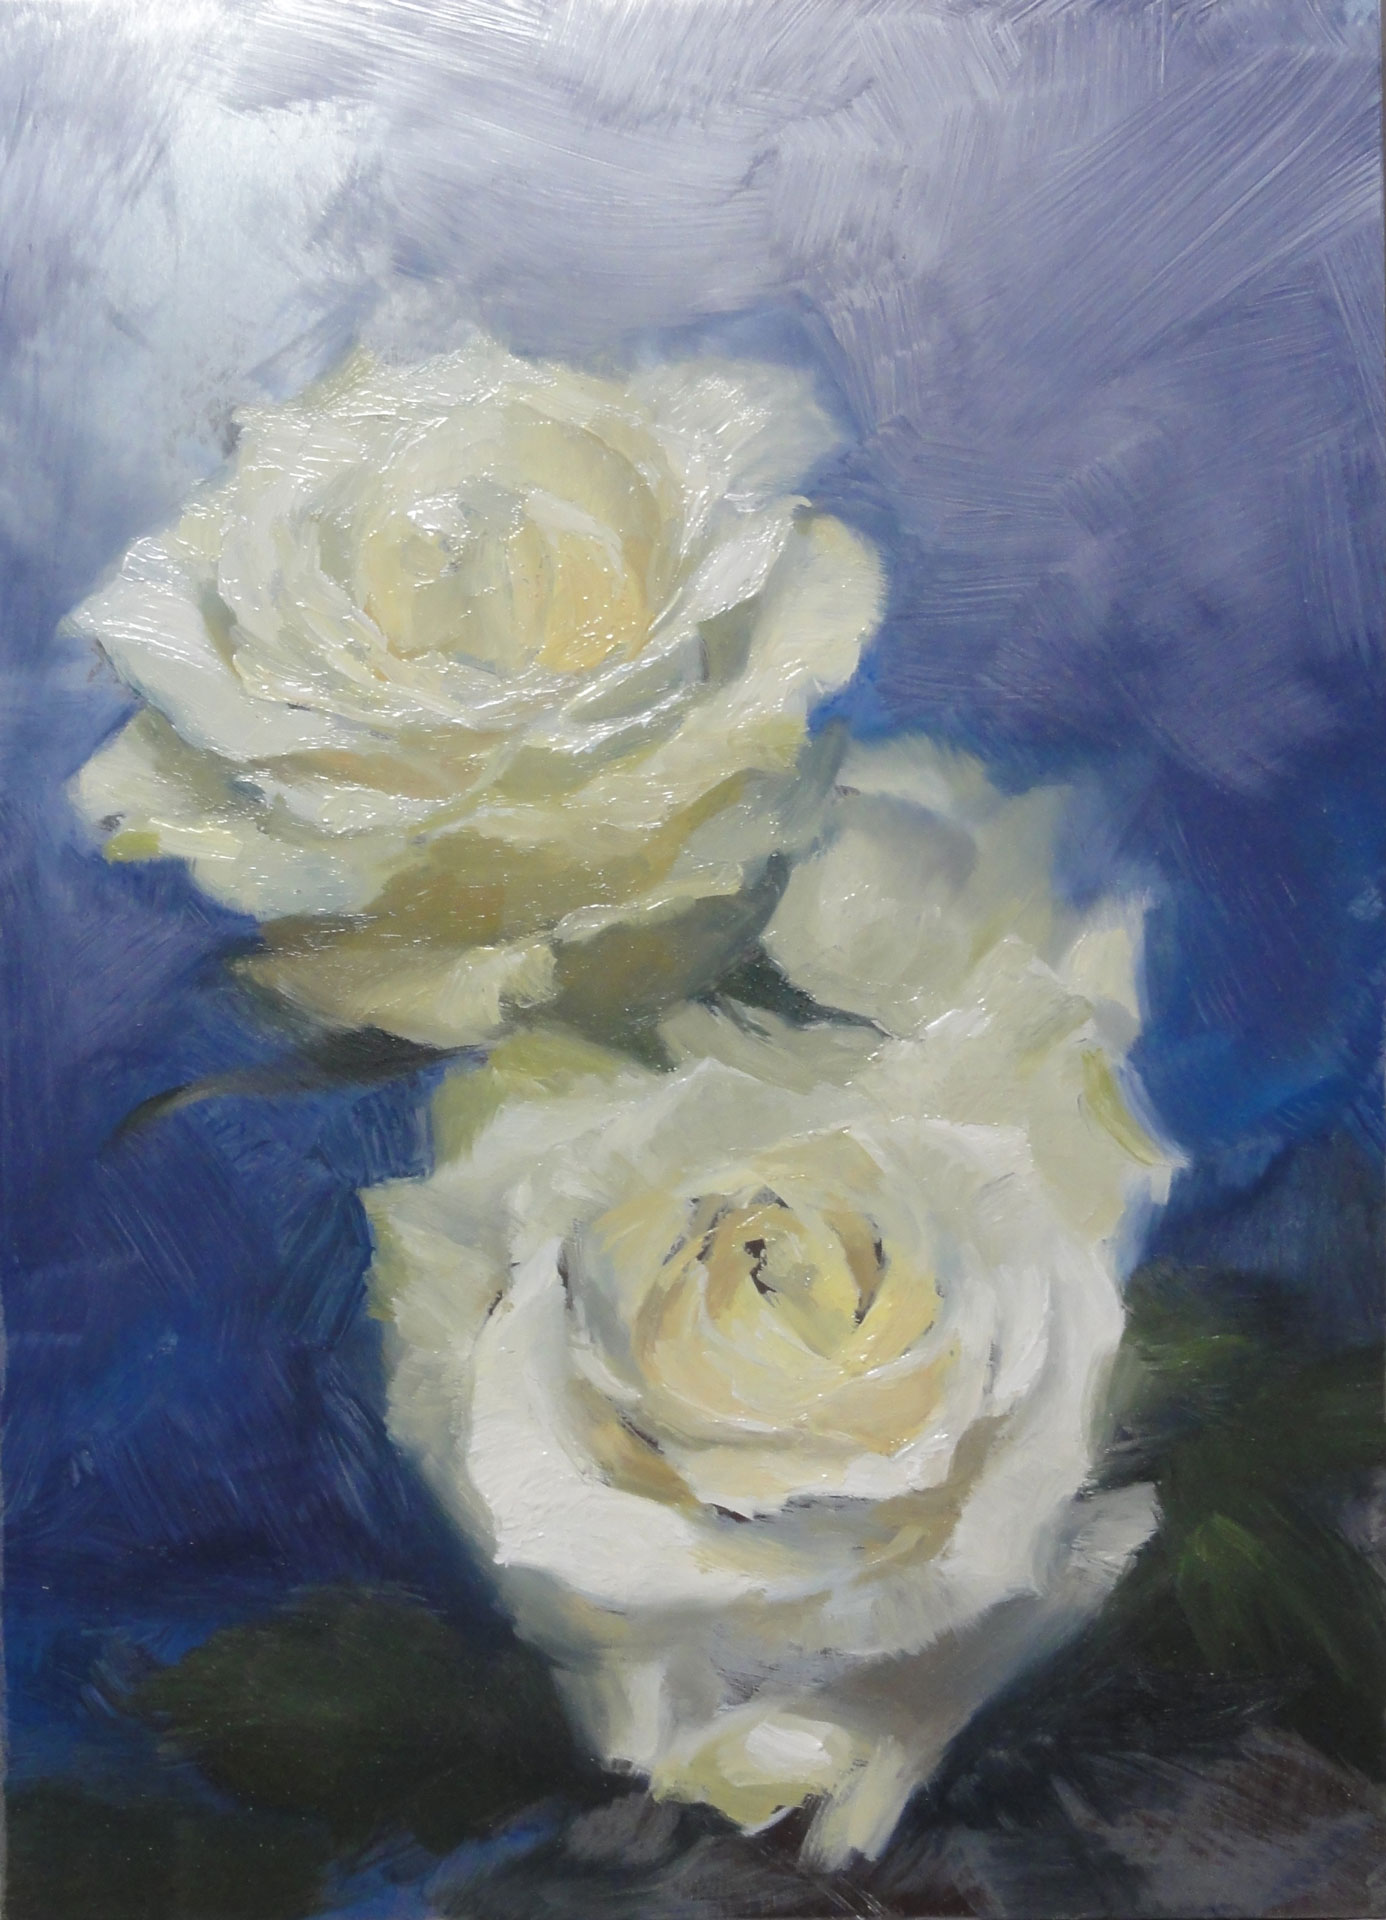 AISB 18P 002 White roses - Sahra Becherer (Teacher)